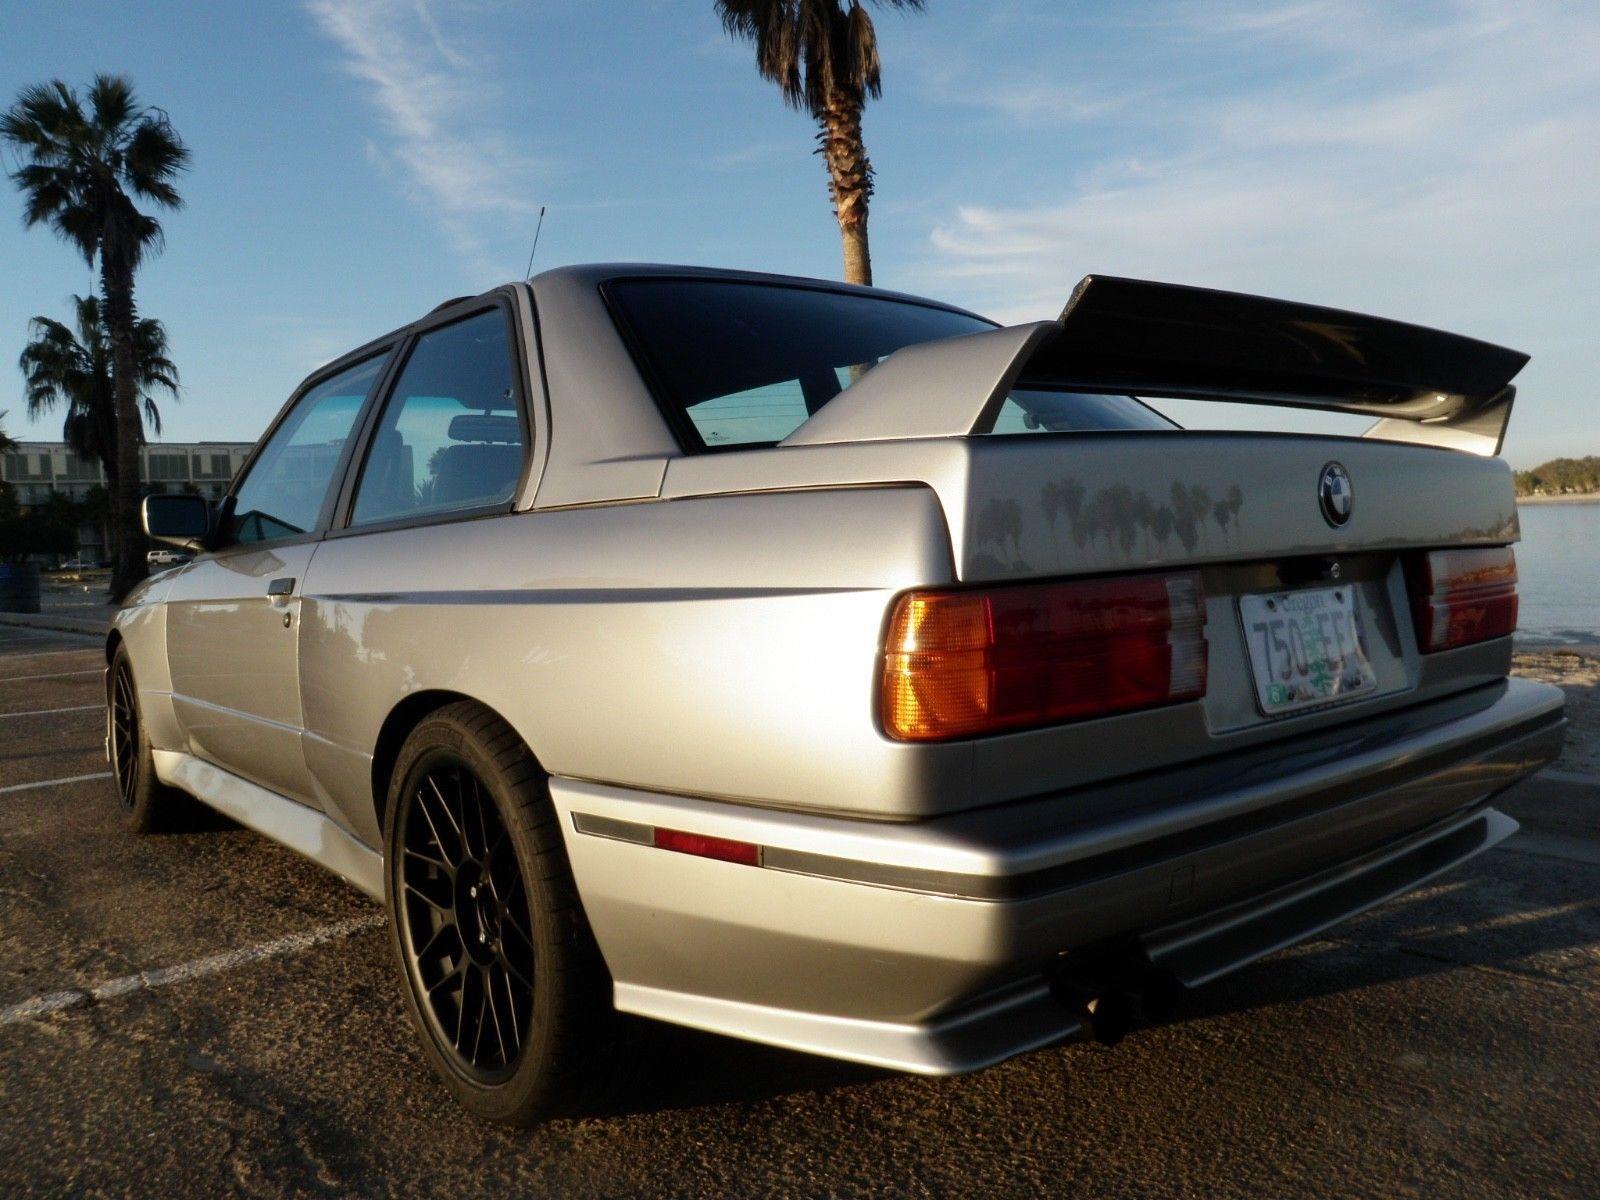 BMW M3 E30 cu motor V8 - BMW M3 E30 cu motor V8